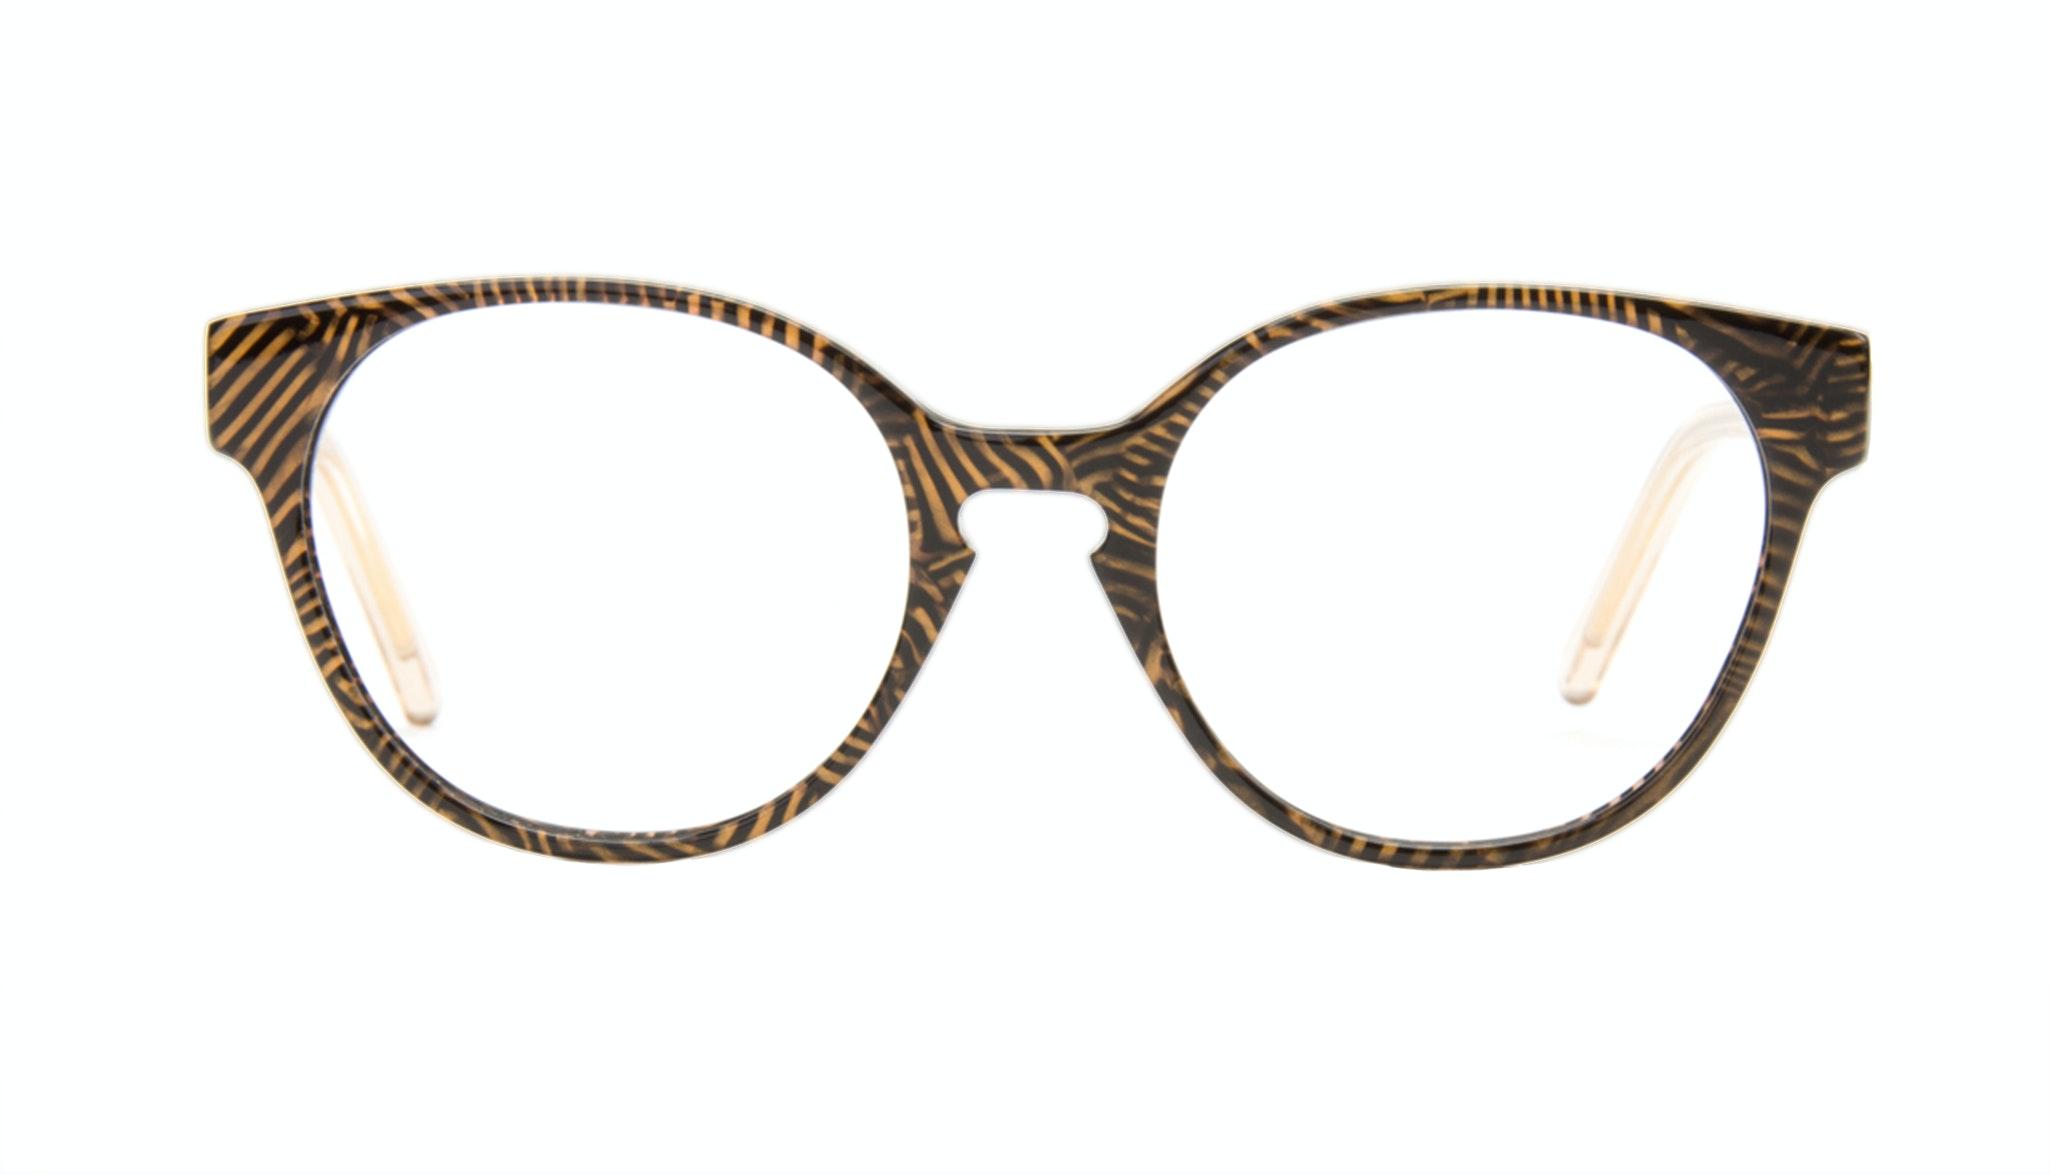 Lunettes tendance Ronde Optiques Femmes Winsome Copper Tort